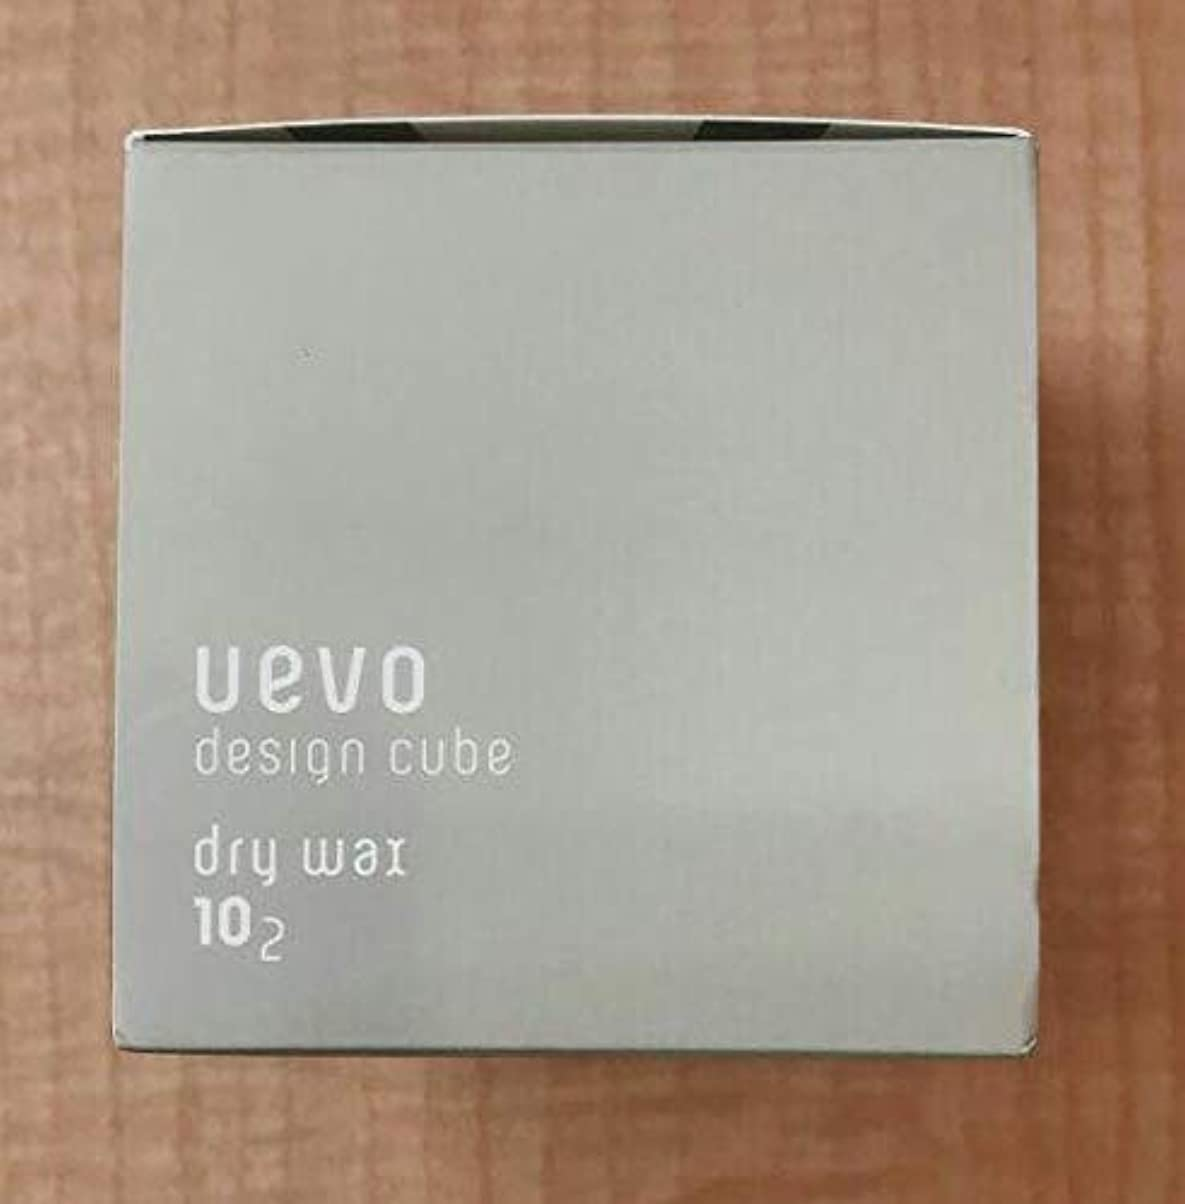 ロッド志す専門化する【X2個セット】 デミ ウェーボ デザインキューブ ドライワックス 80g dry wax